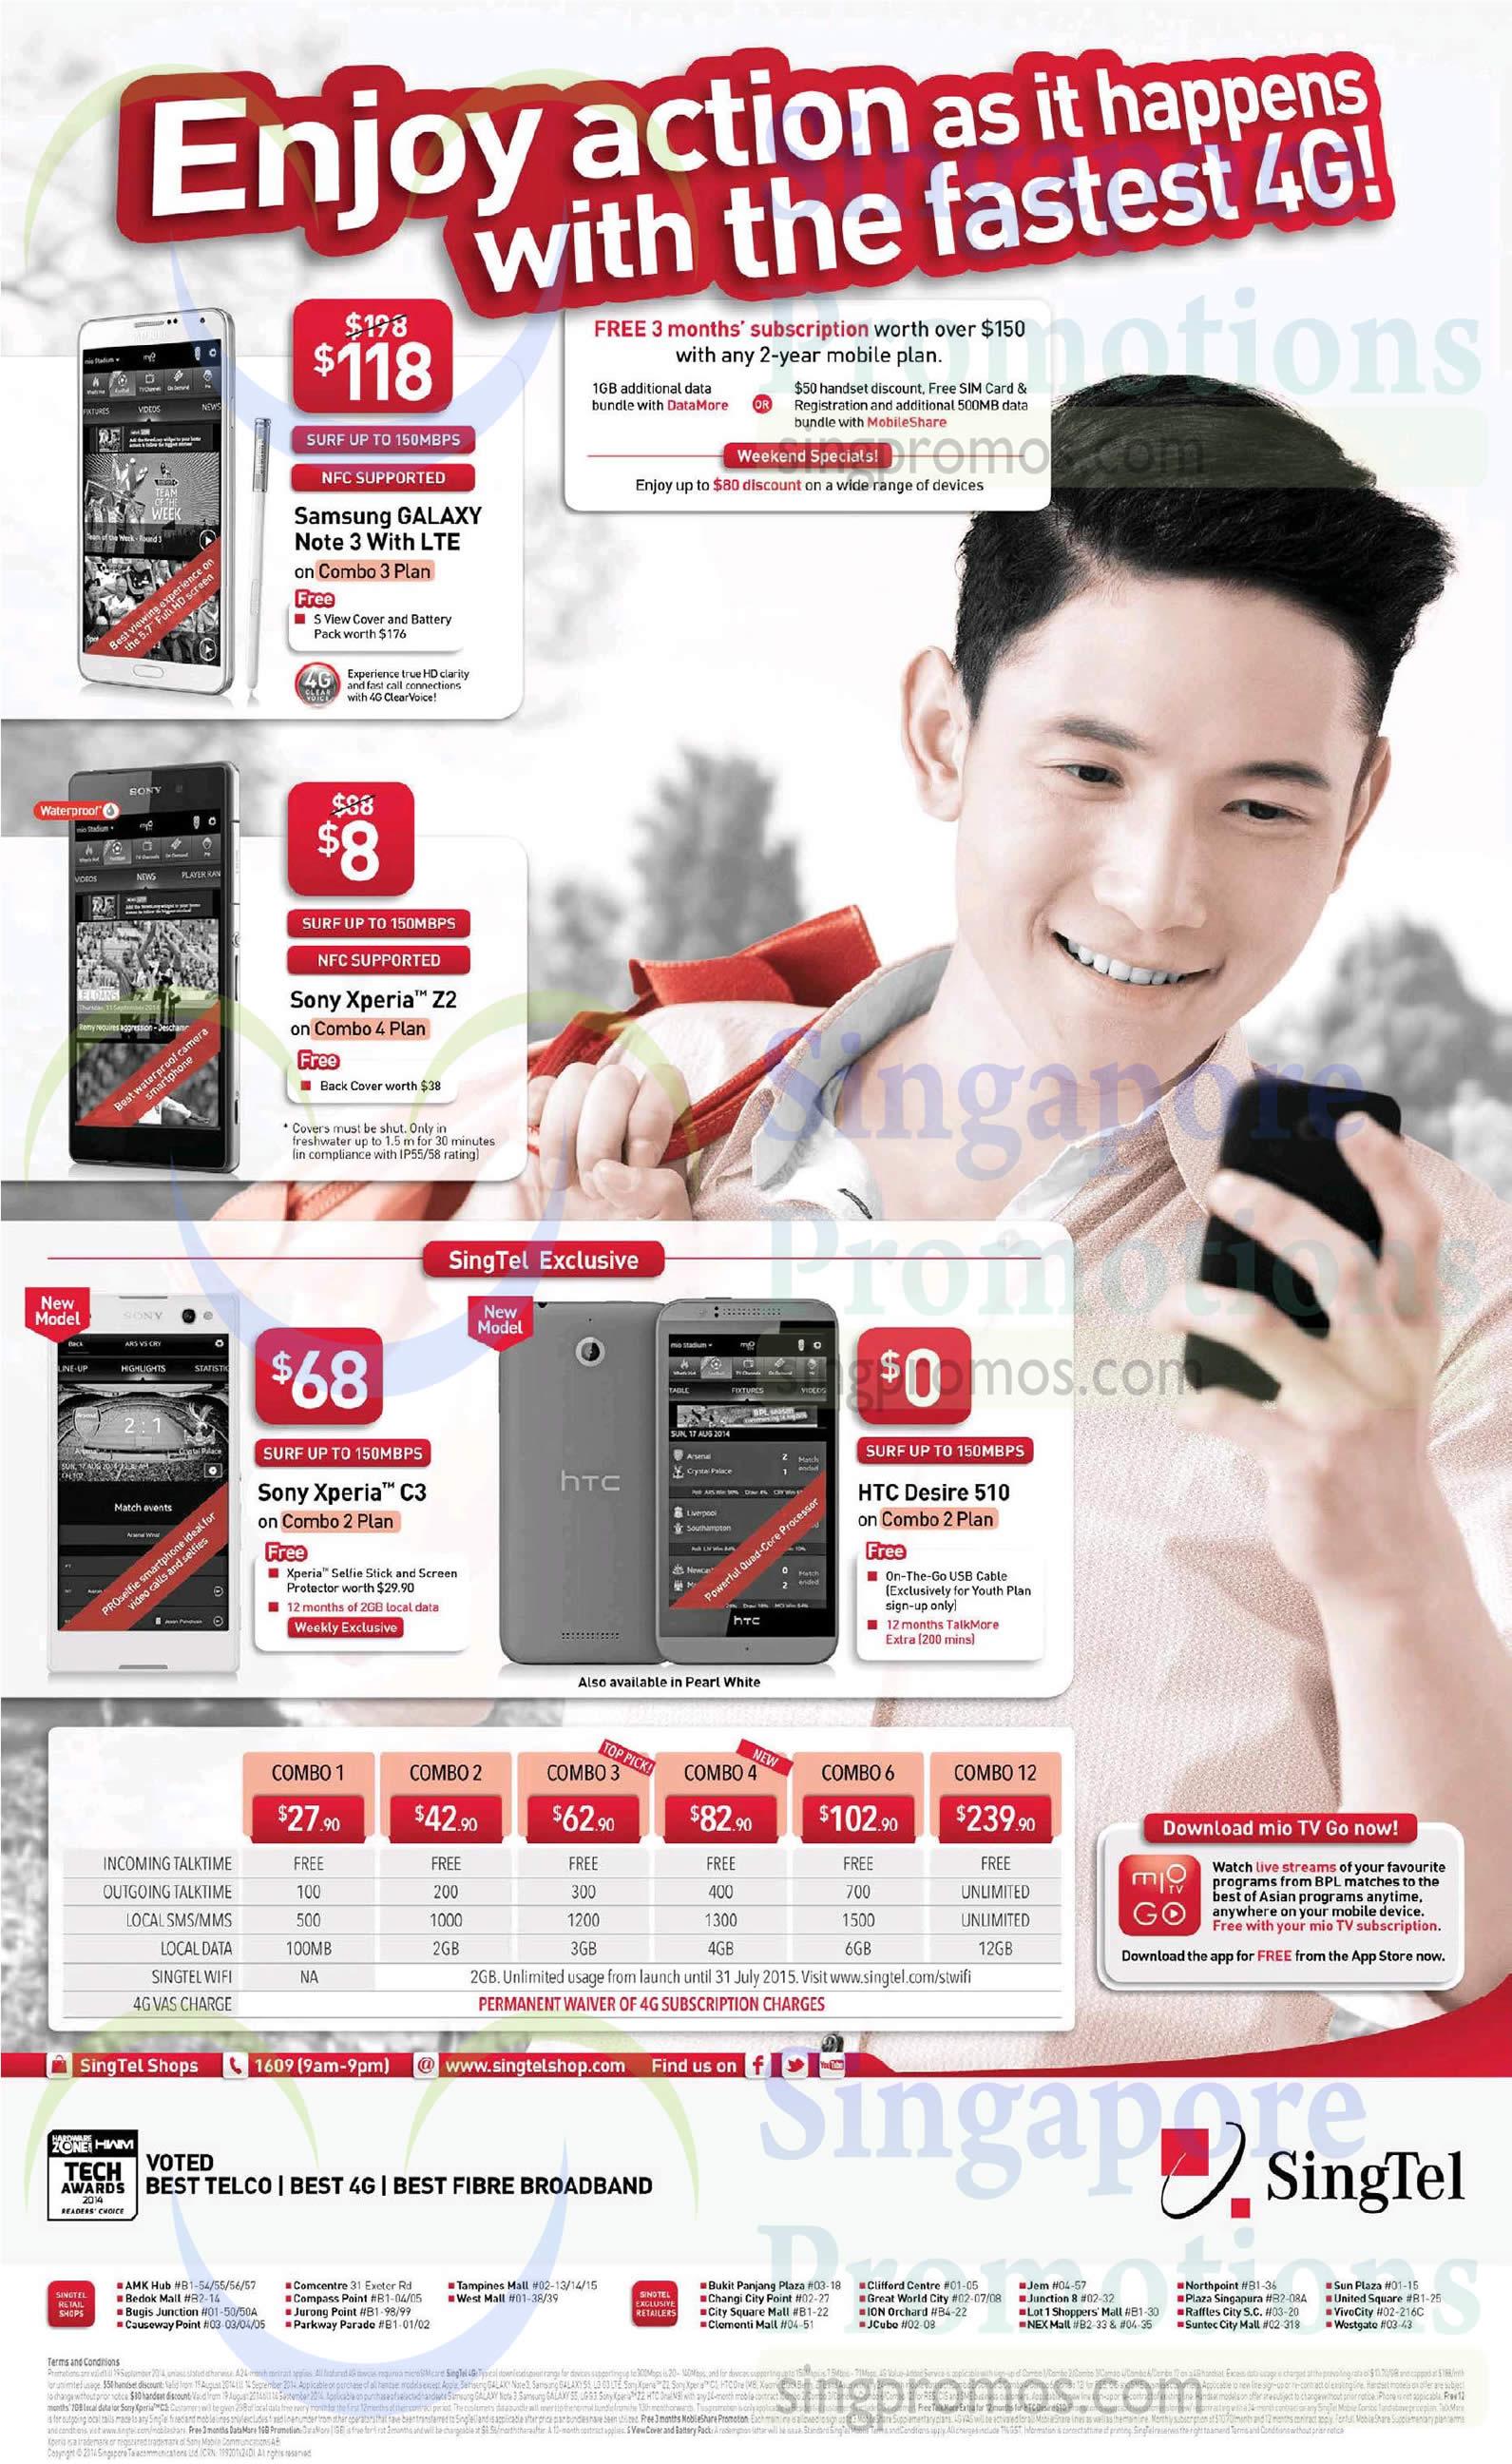 Samsung Galaxy Note 3, Sony Xperia Z2, Sony Xperia C3, HTC Desire 510